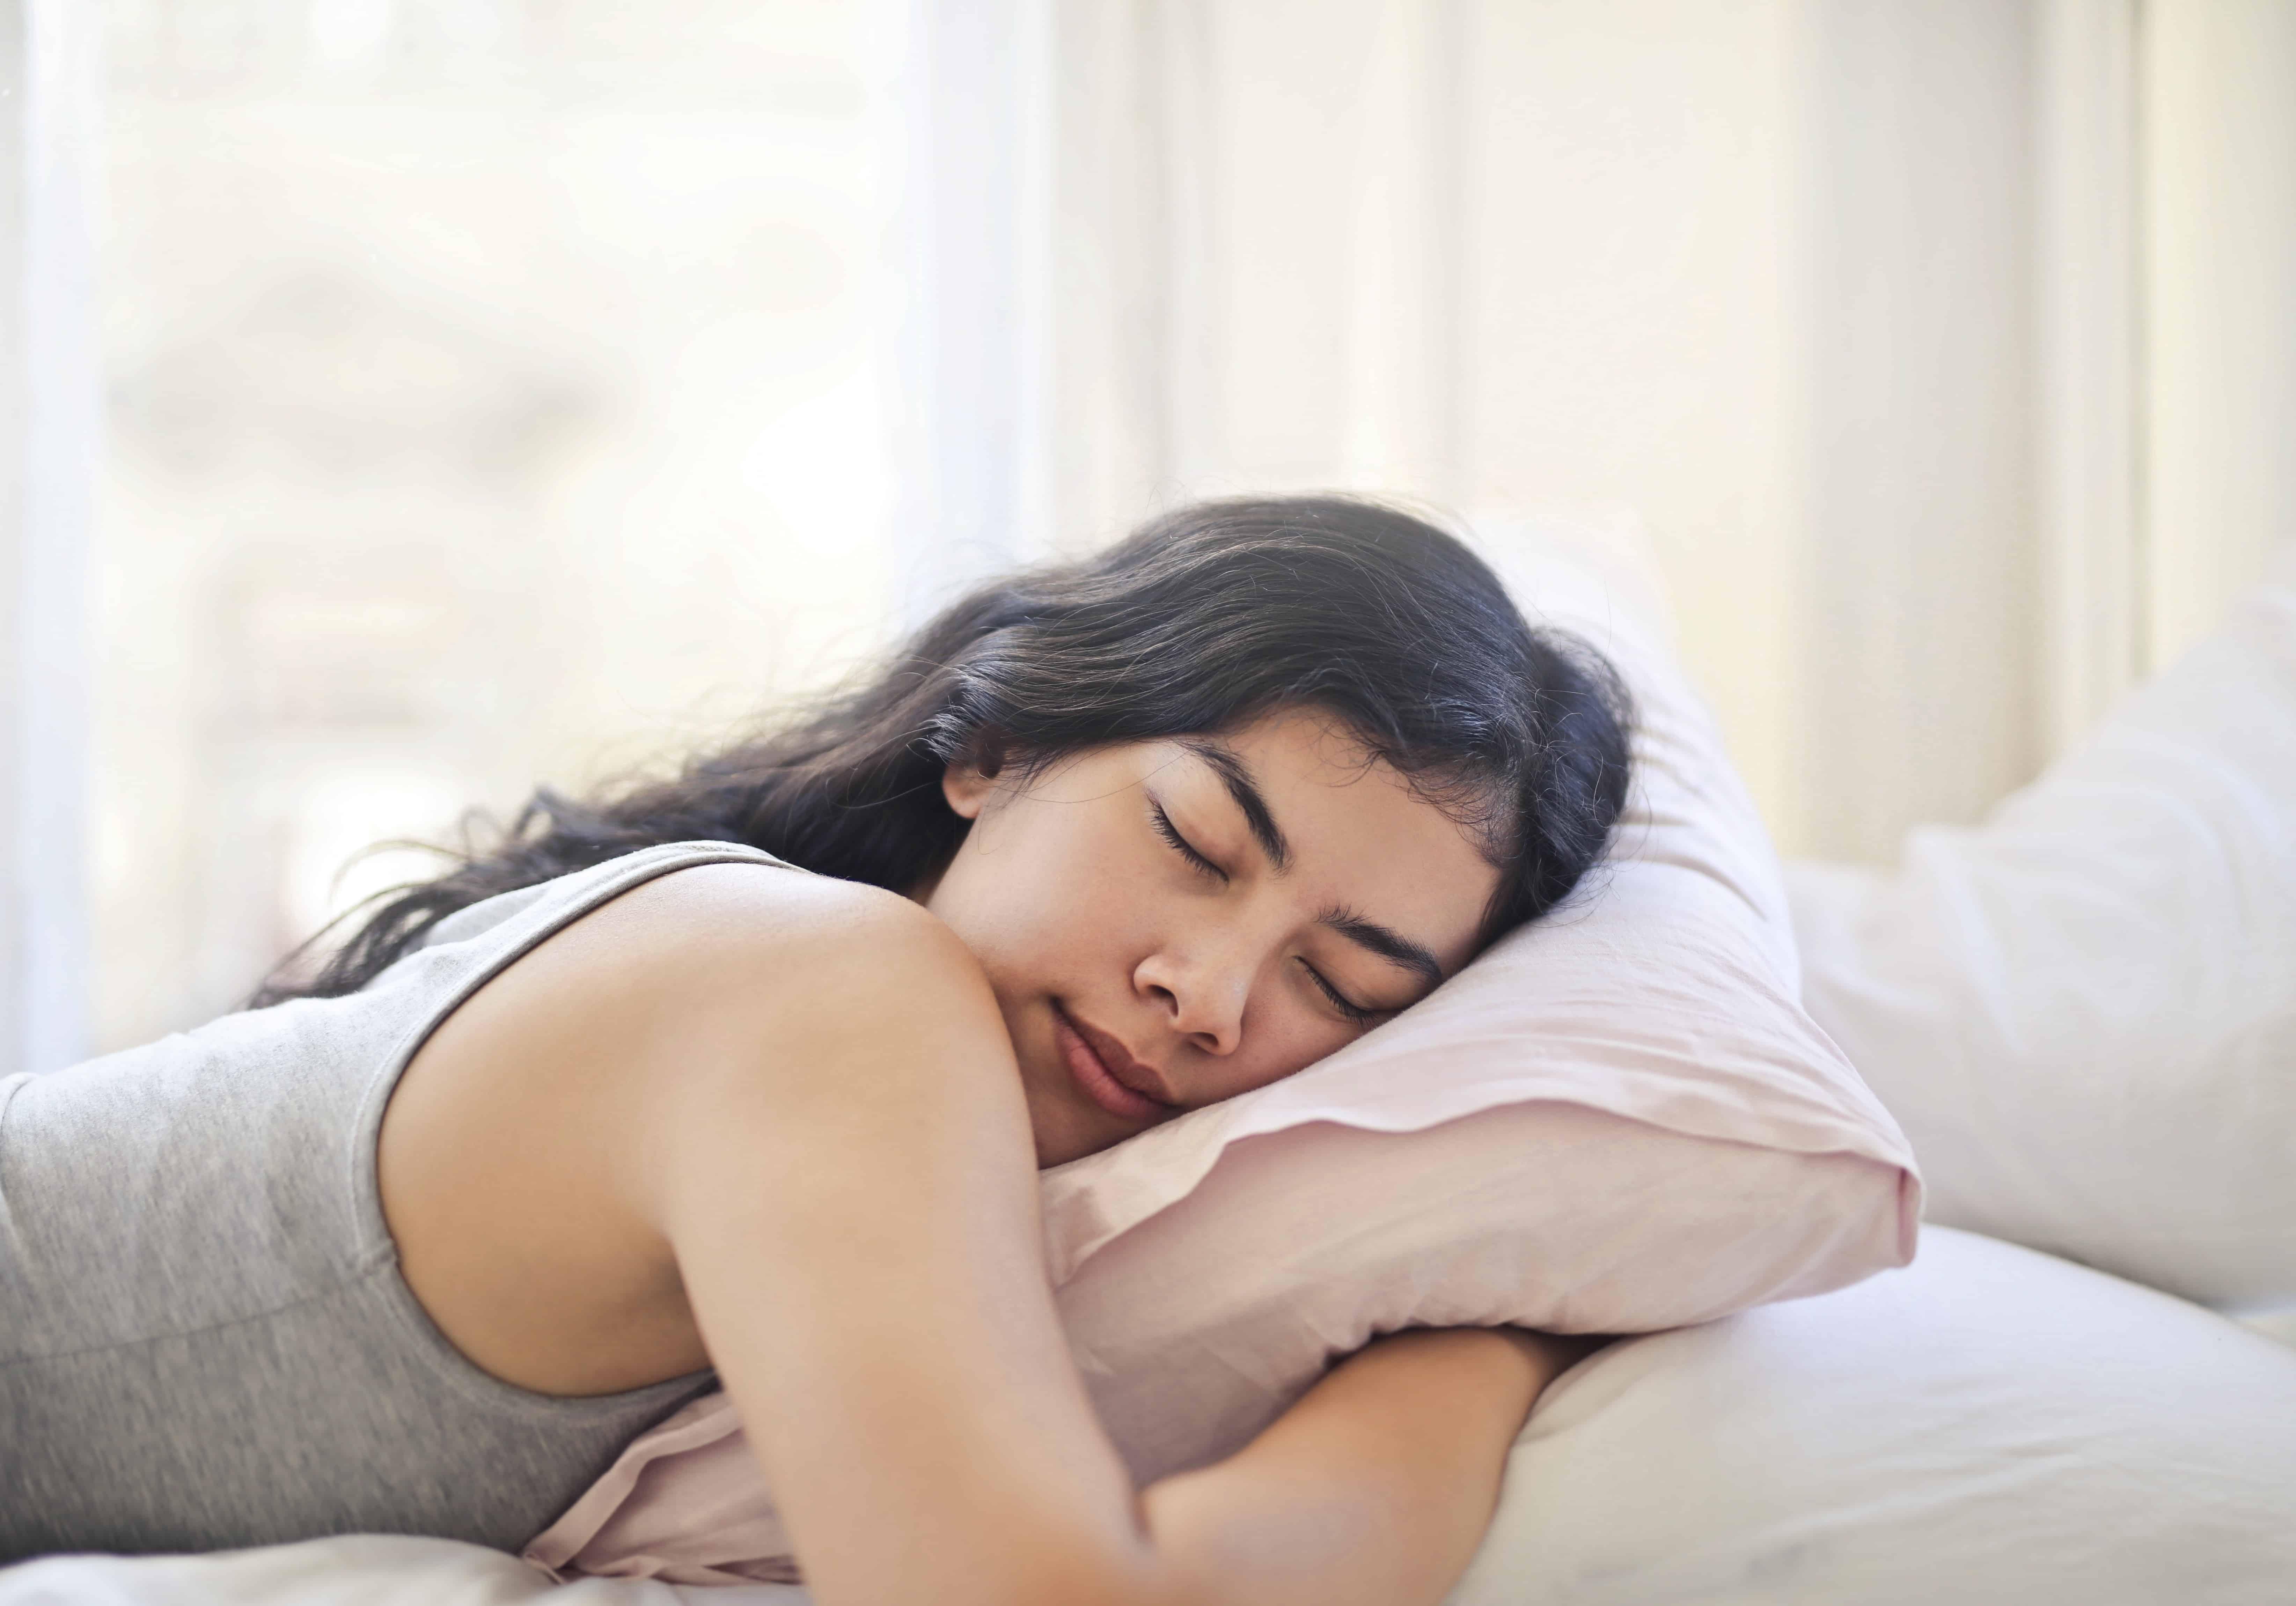 une femme endormie dans le lit et serrant un oreiller